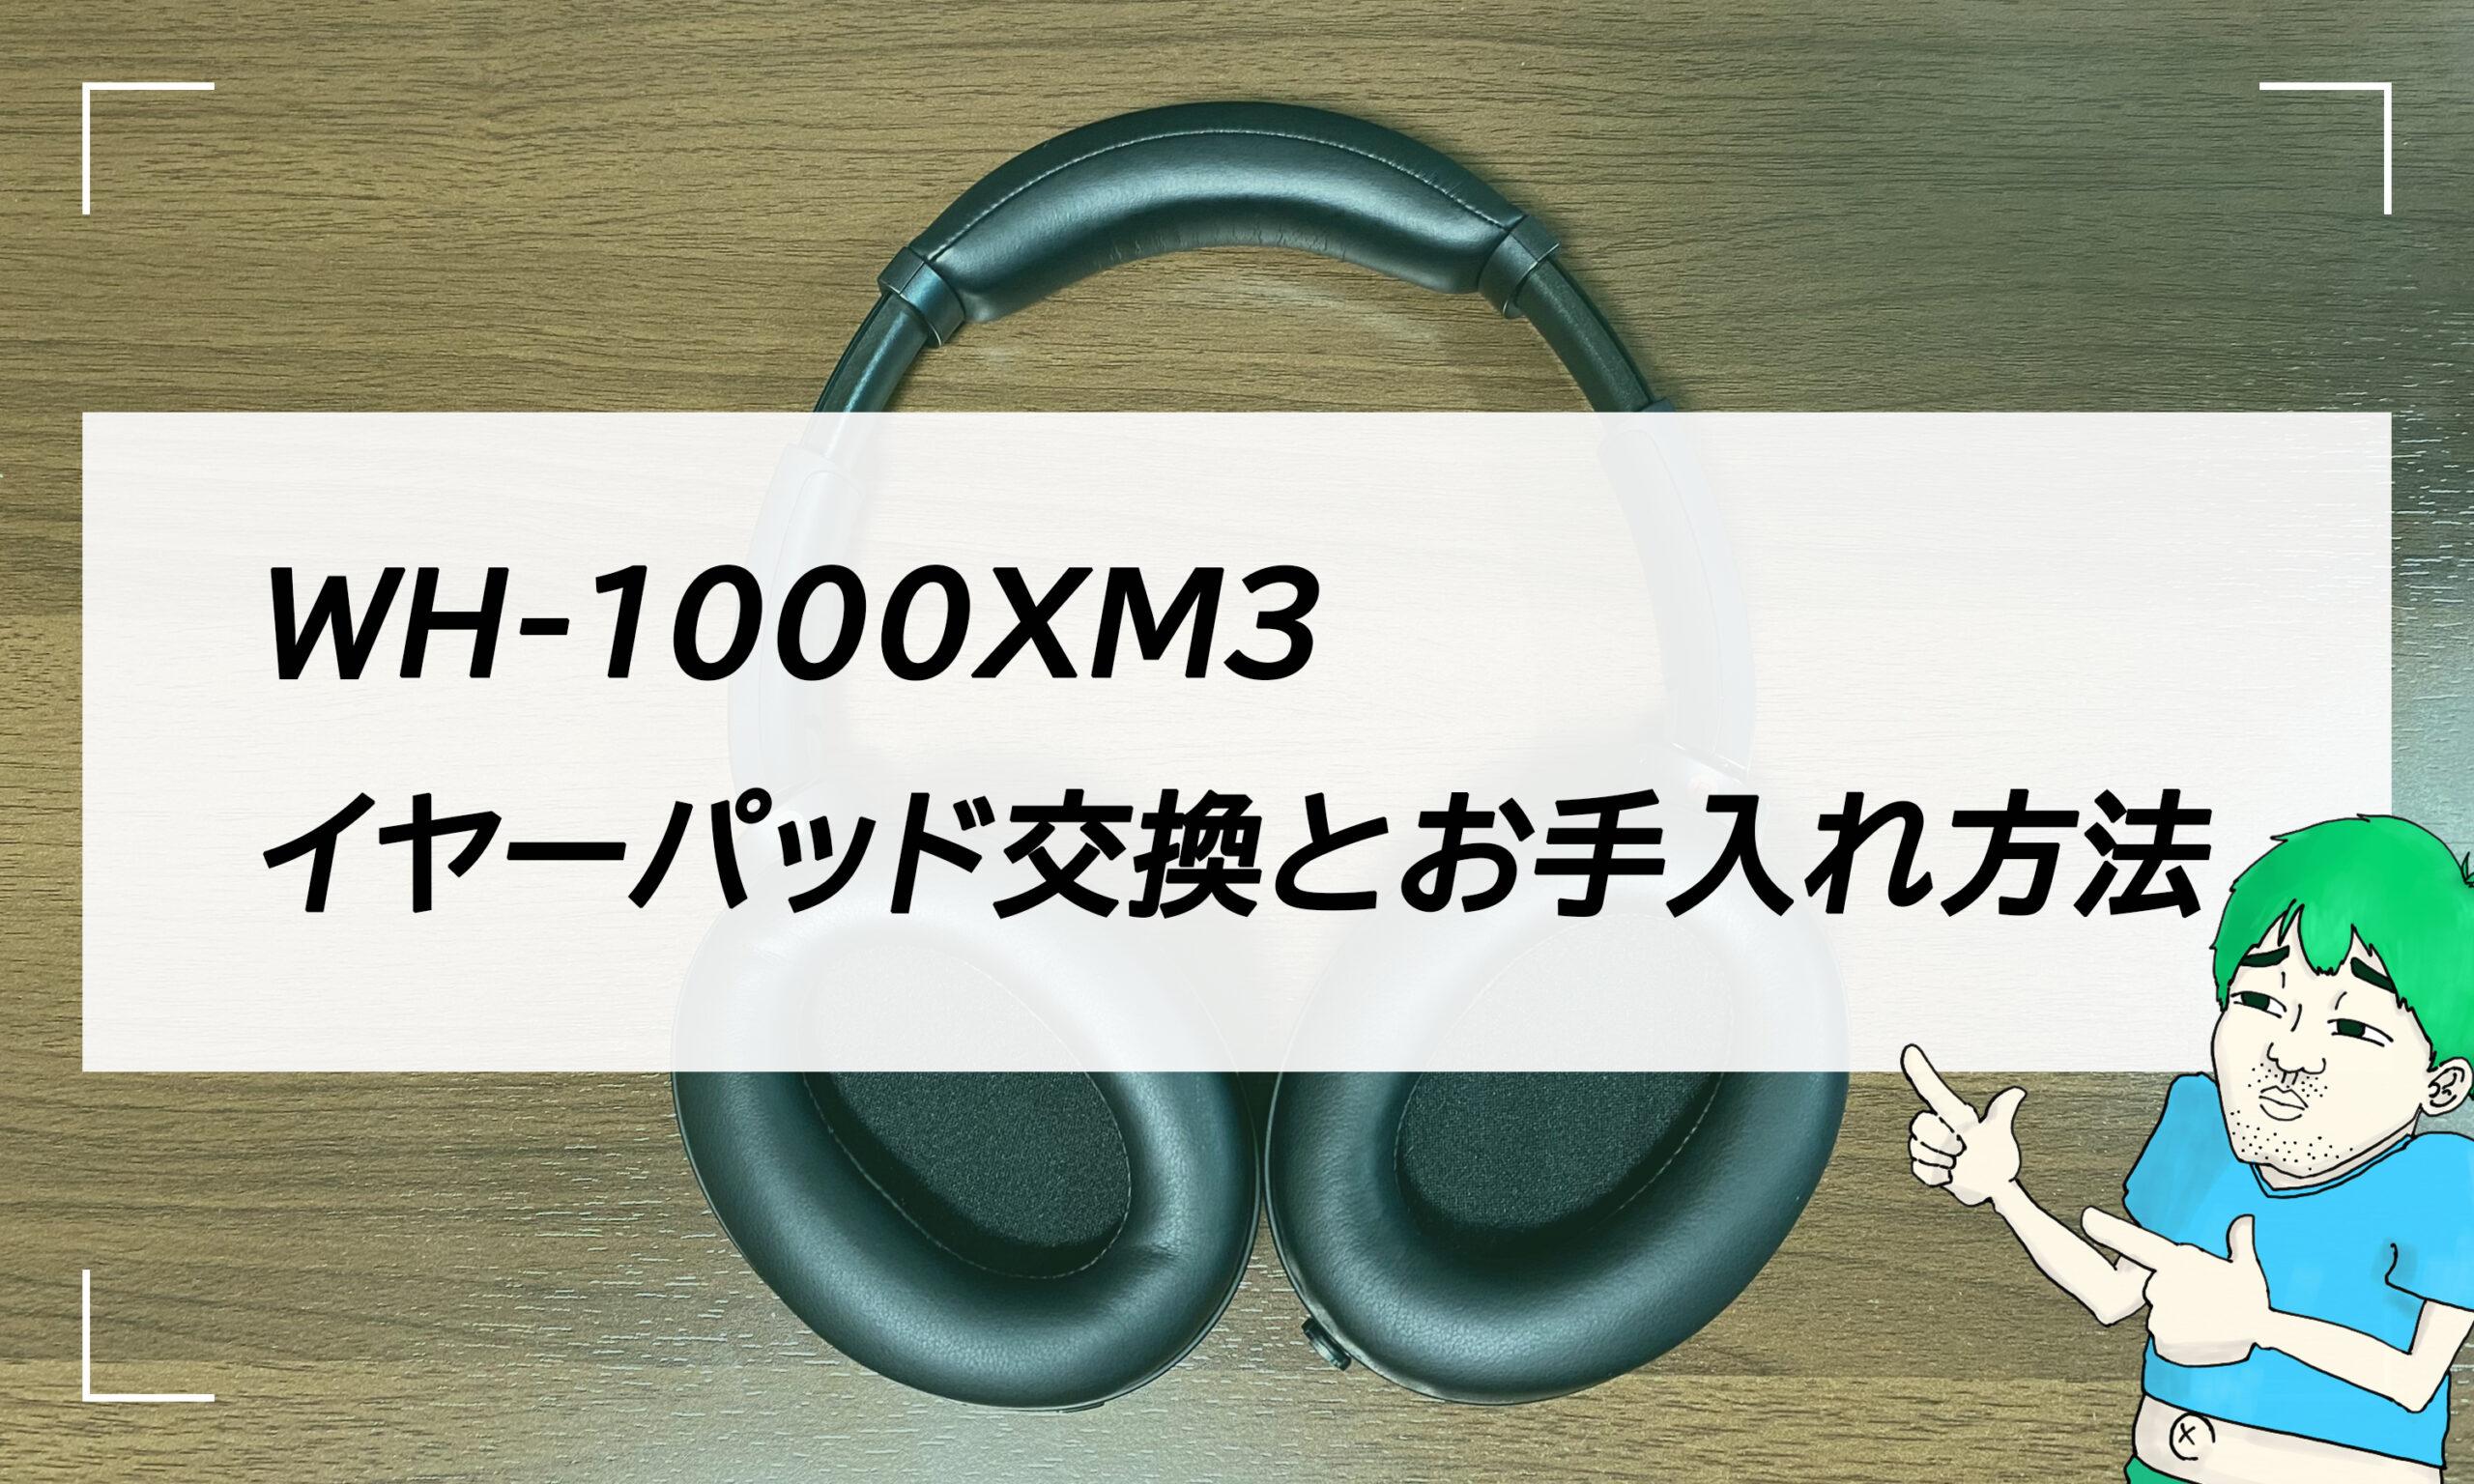 SONY WH-1000XM3 イヤーパッドの交換とお手入れの方法アイキャッチ画像